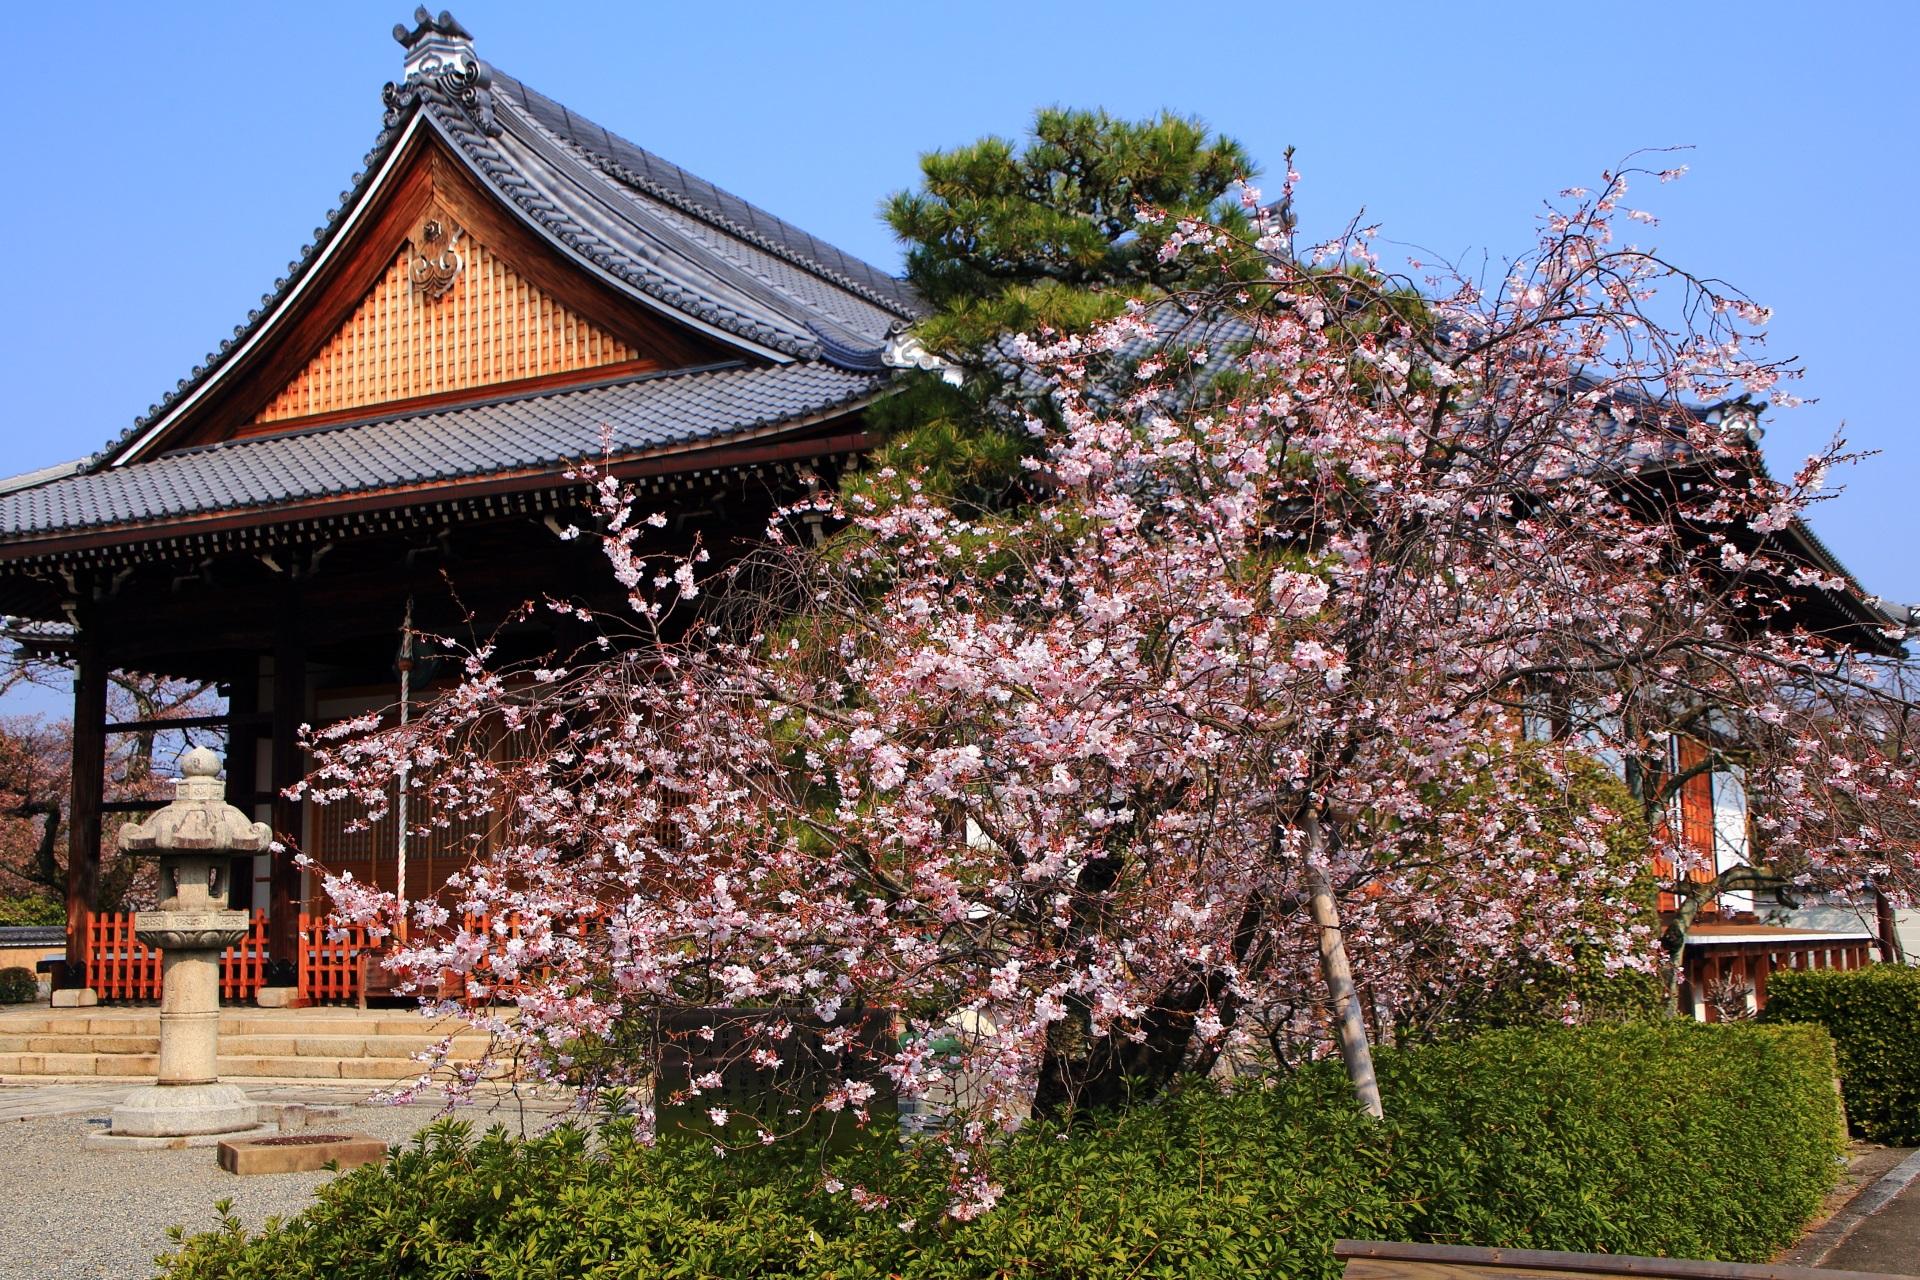 妙蓮寺の本堂前で咲き誇る御会式桜(おえしきざくら)